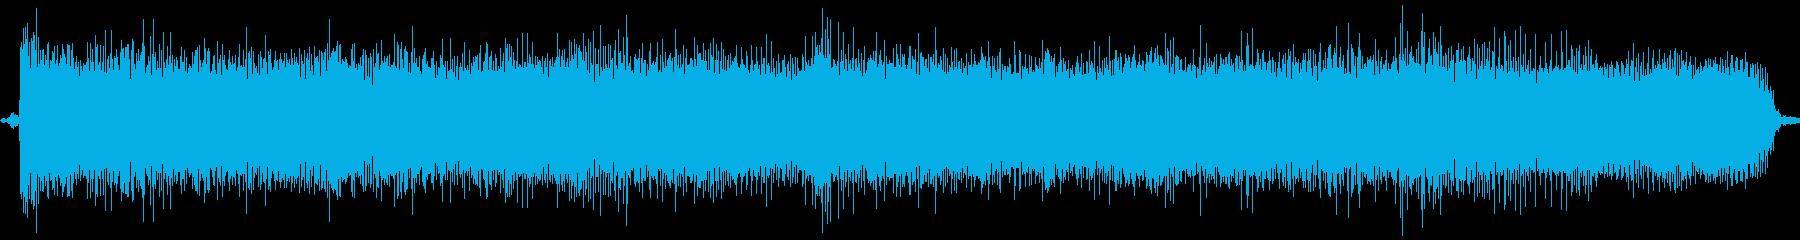 【エレキギター】R&Rリフの再生済みの波形